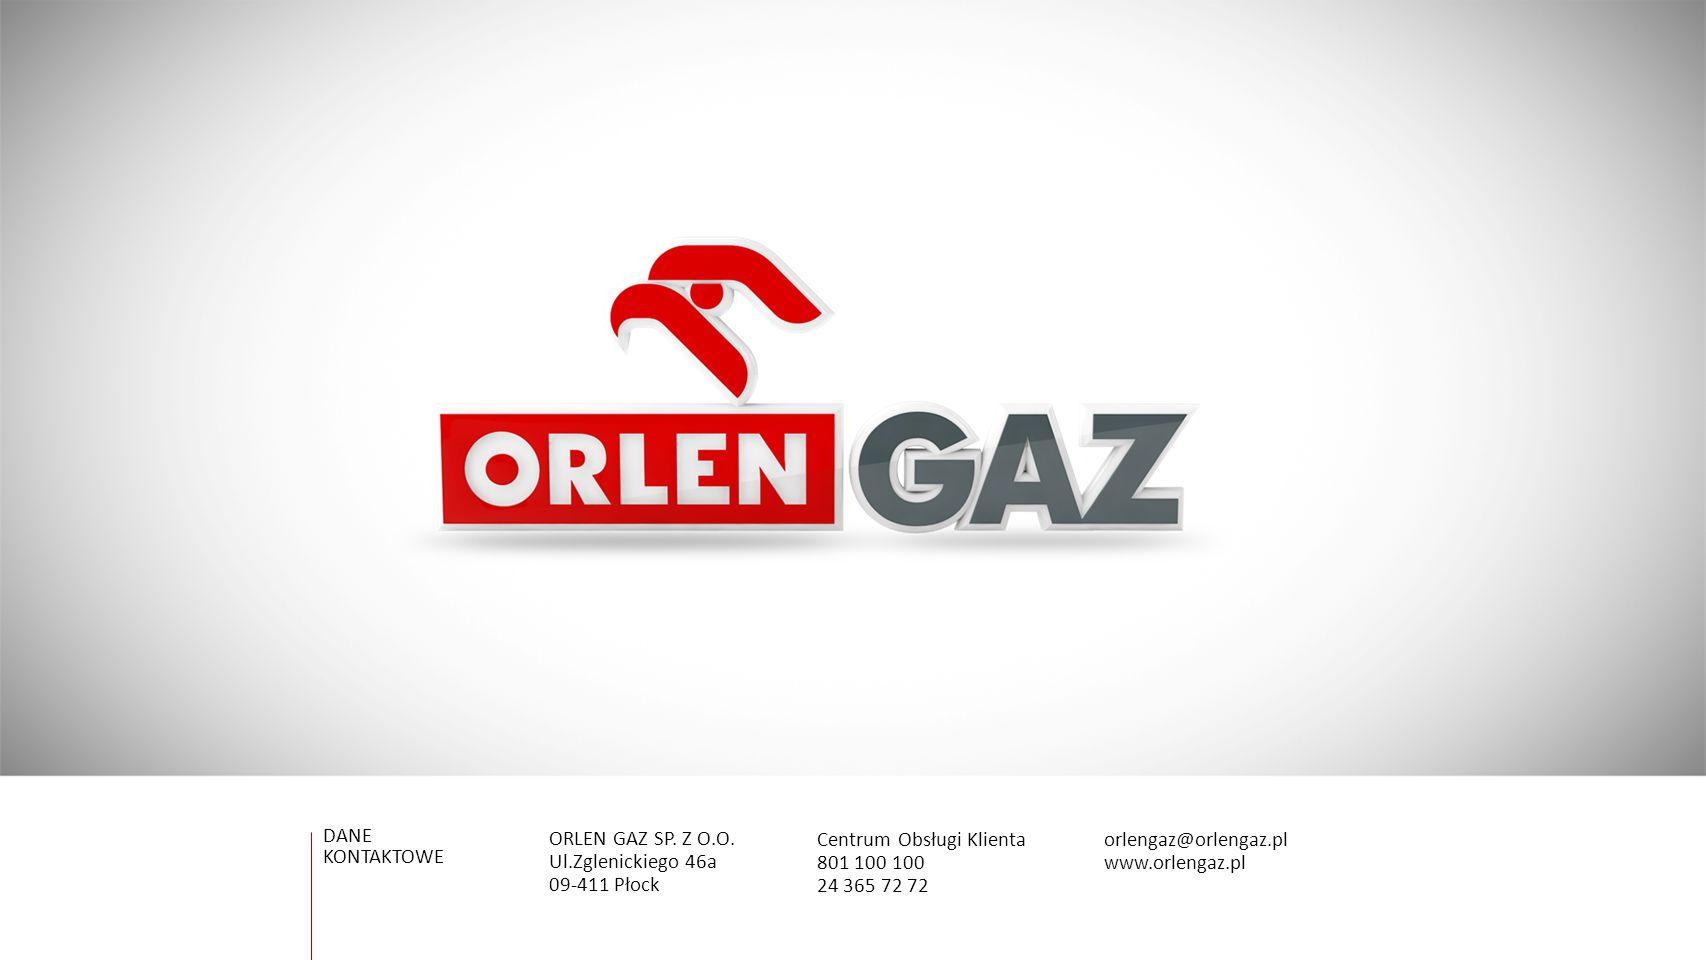 DANE KONTAKTOWE. ORLEN GAZ Sp. Z O.O. Ul.Zglenickiego 46a. 09-411 Płock. Centrum Obsługi Klienta.